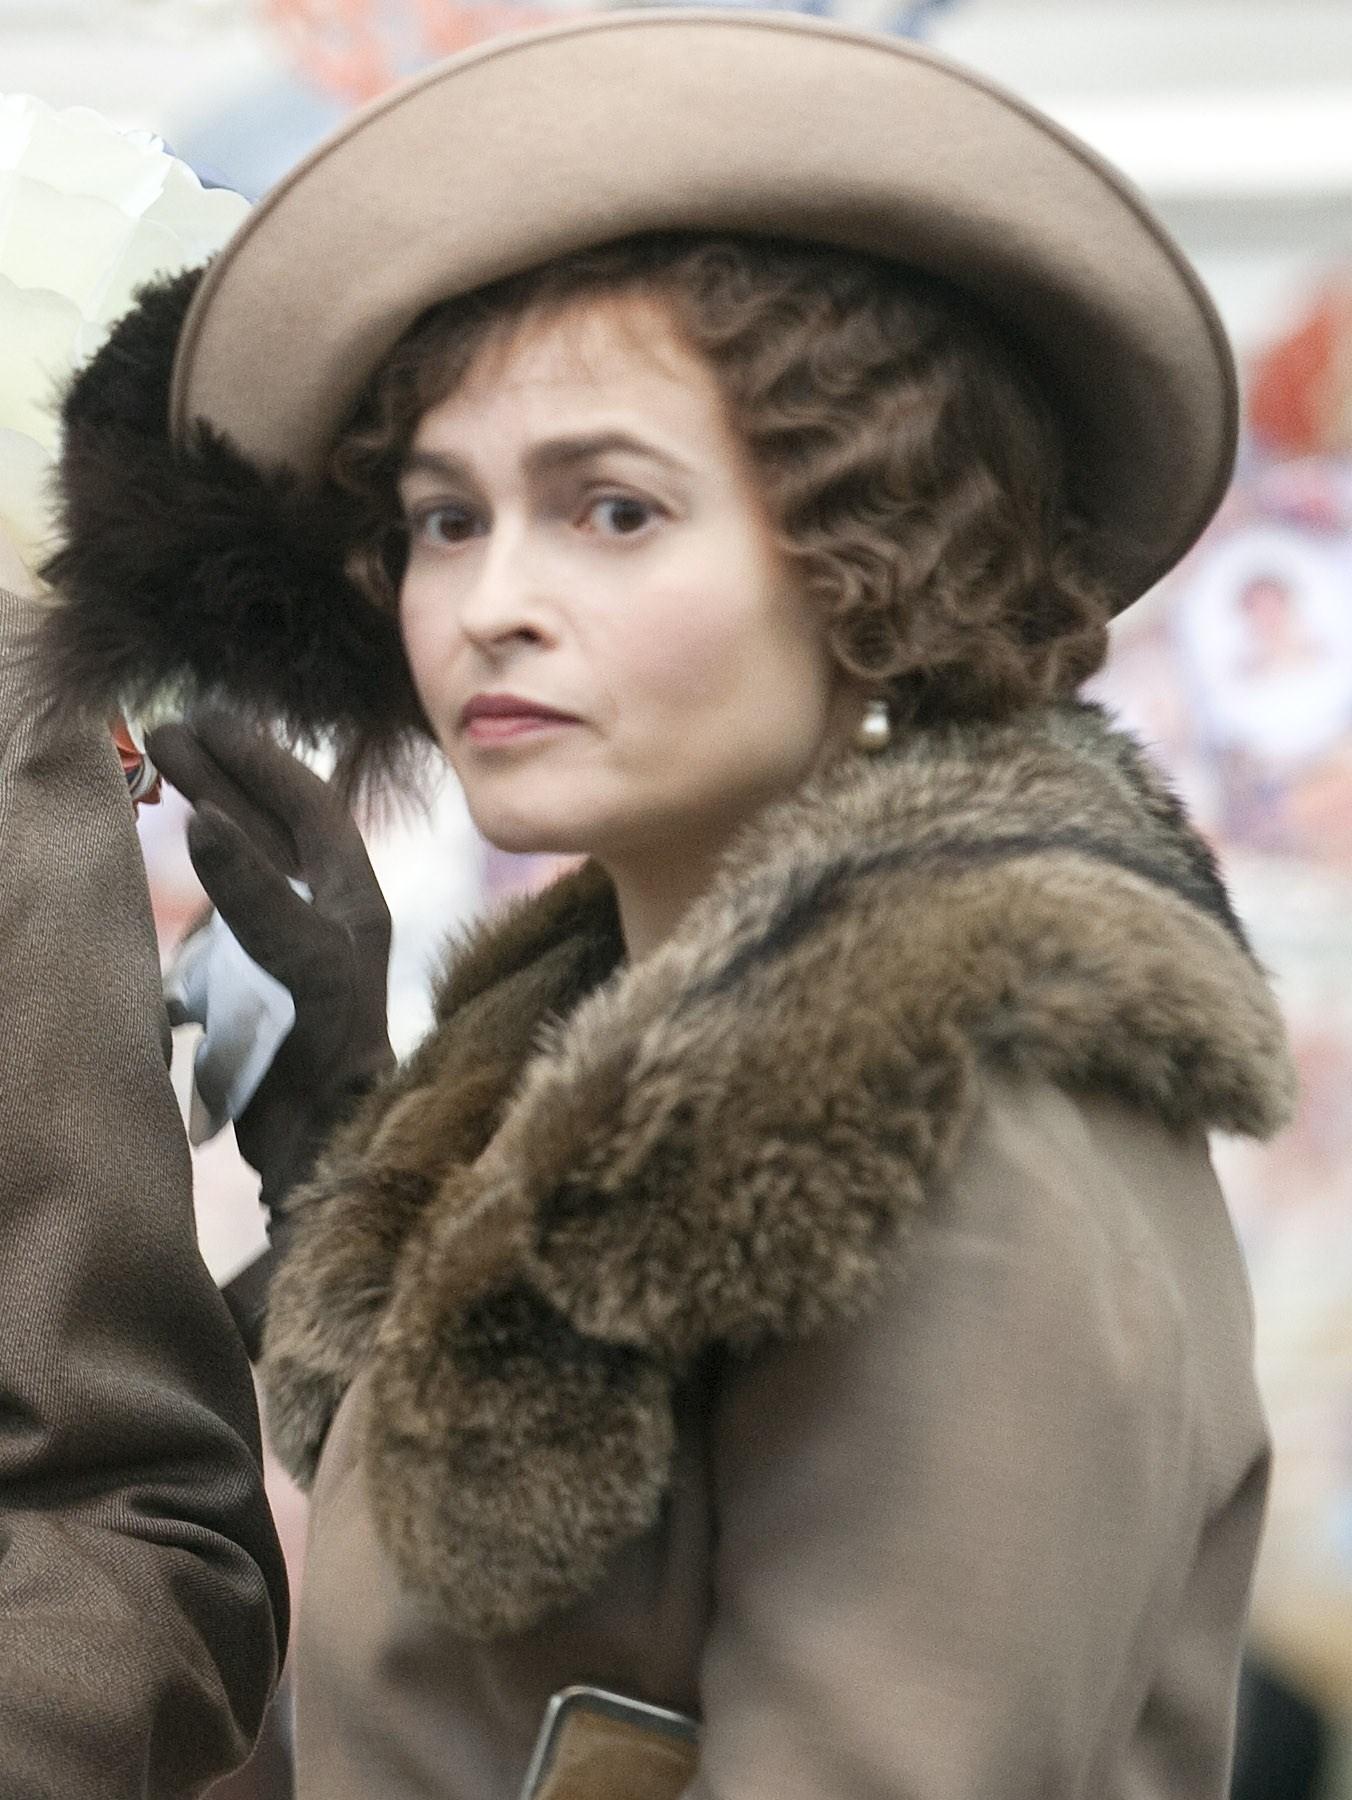 Description Helena Bonham Carter.jpg Helena Bonham Carter